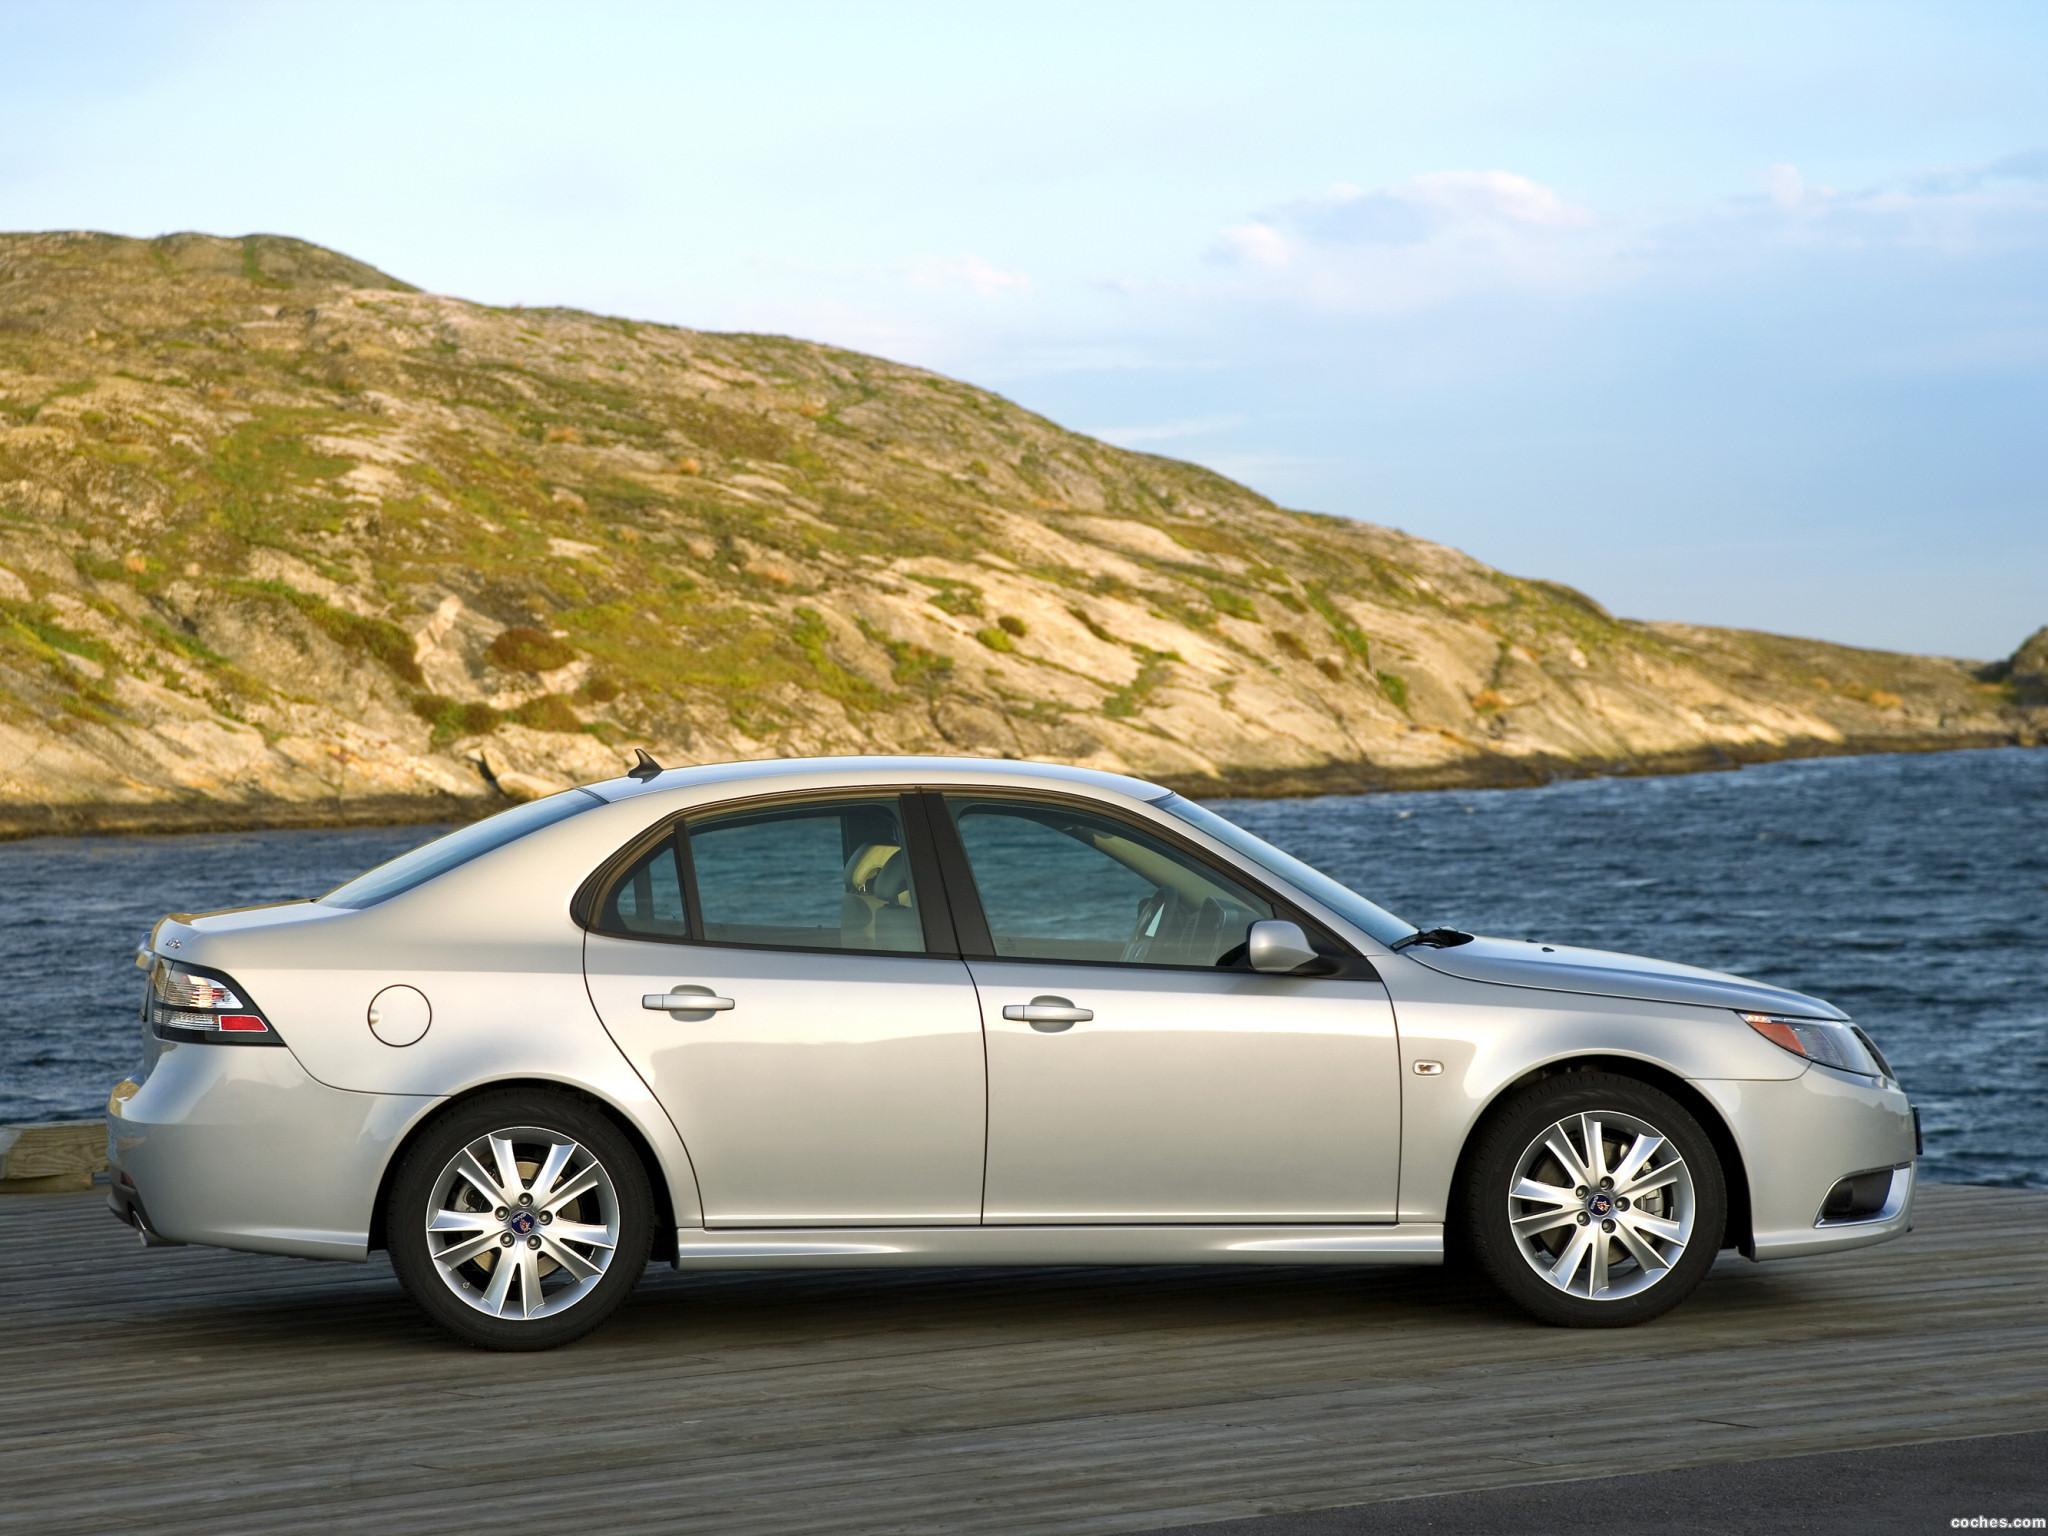 Foto 1 de Saab 9-3 2008